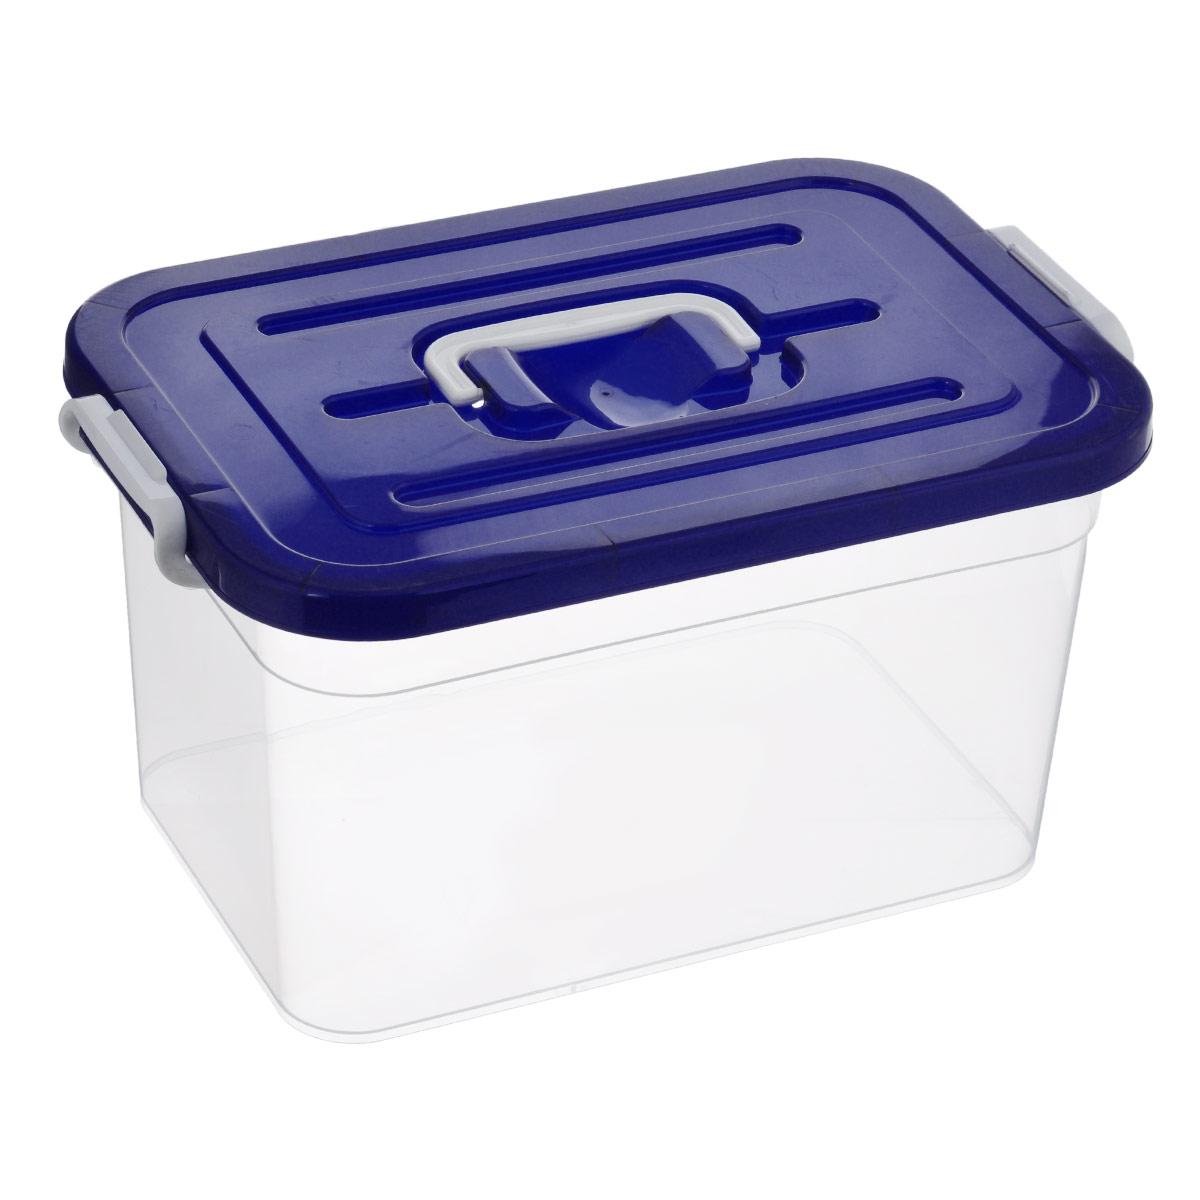 Контейнер для хранения Полимербыт, цвет: темно-синий, 10 лС810_темно-синийКонтейнер для хранения Полимербыт выполнен из высококачественного пищевого пластика. Контейнер снабжен удобной ручкой и двумя пластиковыми фиксаторами по бокам, придающими дополнительную надежность закрывания крышки. Вместительный контейнер позволит сохранить различные нужные вещи в порядке, а герметичная крышка предотвратит случайное открывание, защитит содержимое от пыли и грязи. Объем: 10 л.